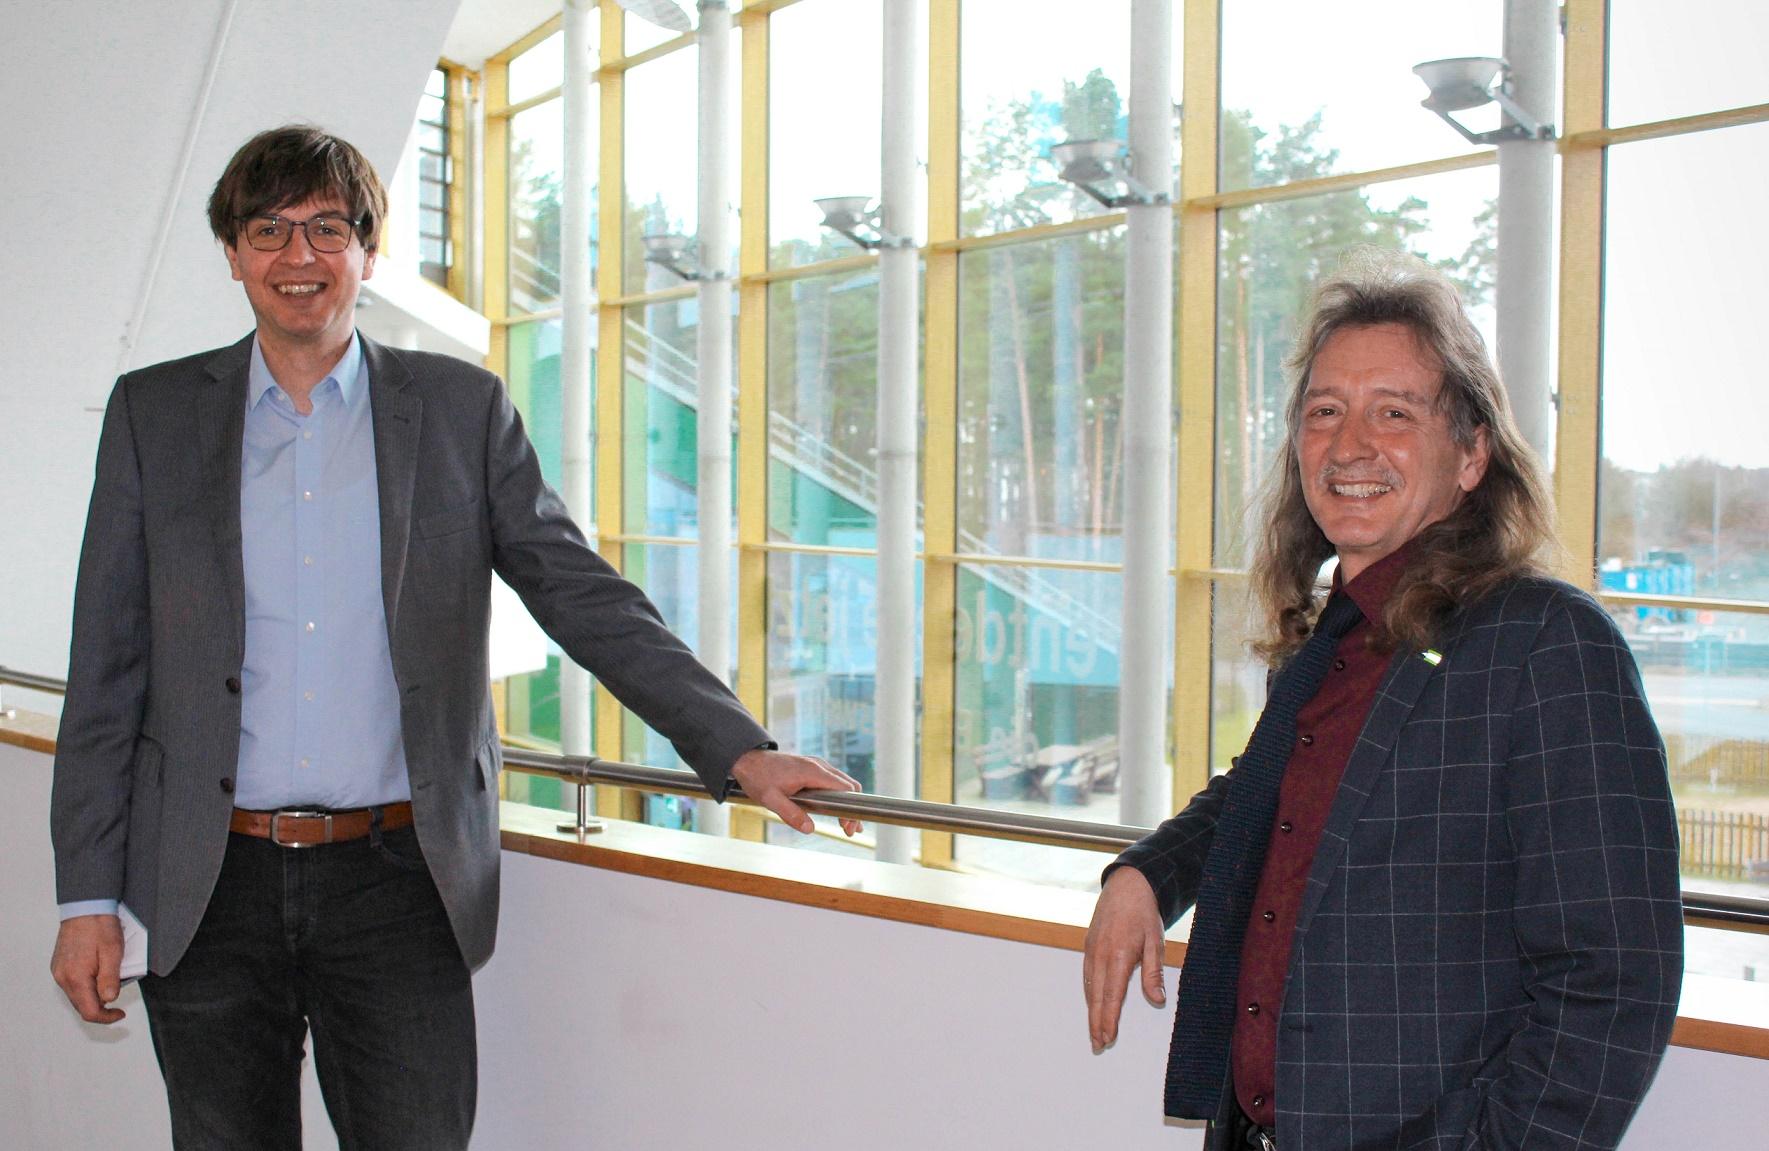 Robert Grzesko, Mobilitätsberater von emevo, und Frank Schmetzke, Vereinsvorsitzender bei der Vereinsumbezeichnung zum Kompetenzzentrum Erneuerbare Mobilität M-V e.V.